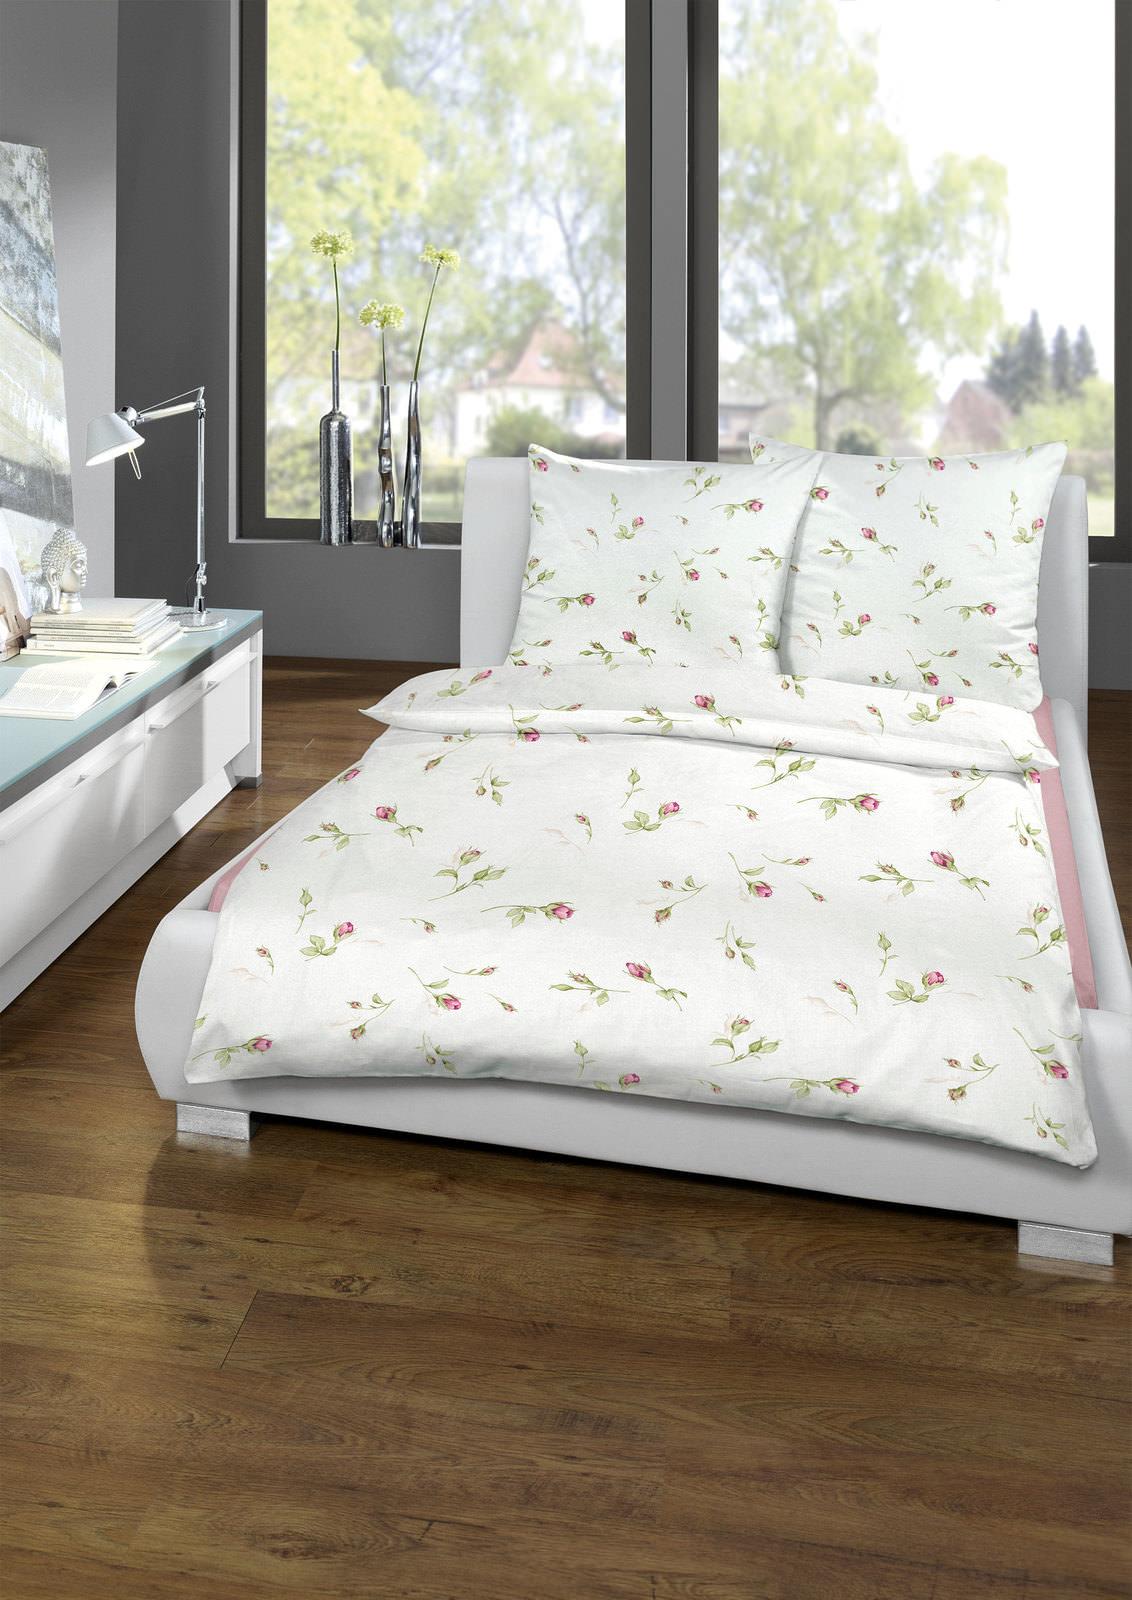 estella mako jersey bettw sche online entdecken. Black Bedroom Furniture Sets. Home Design Ideas